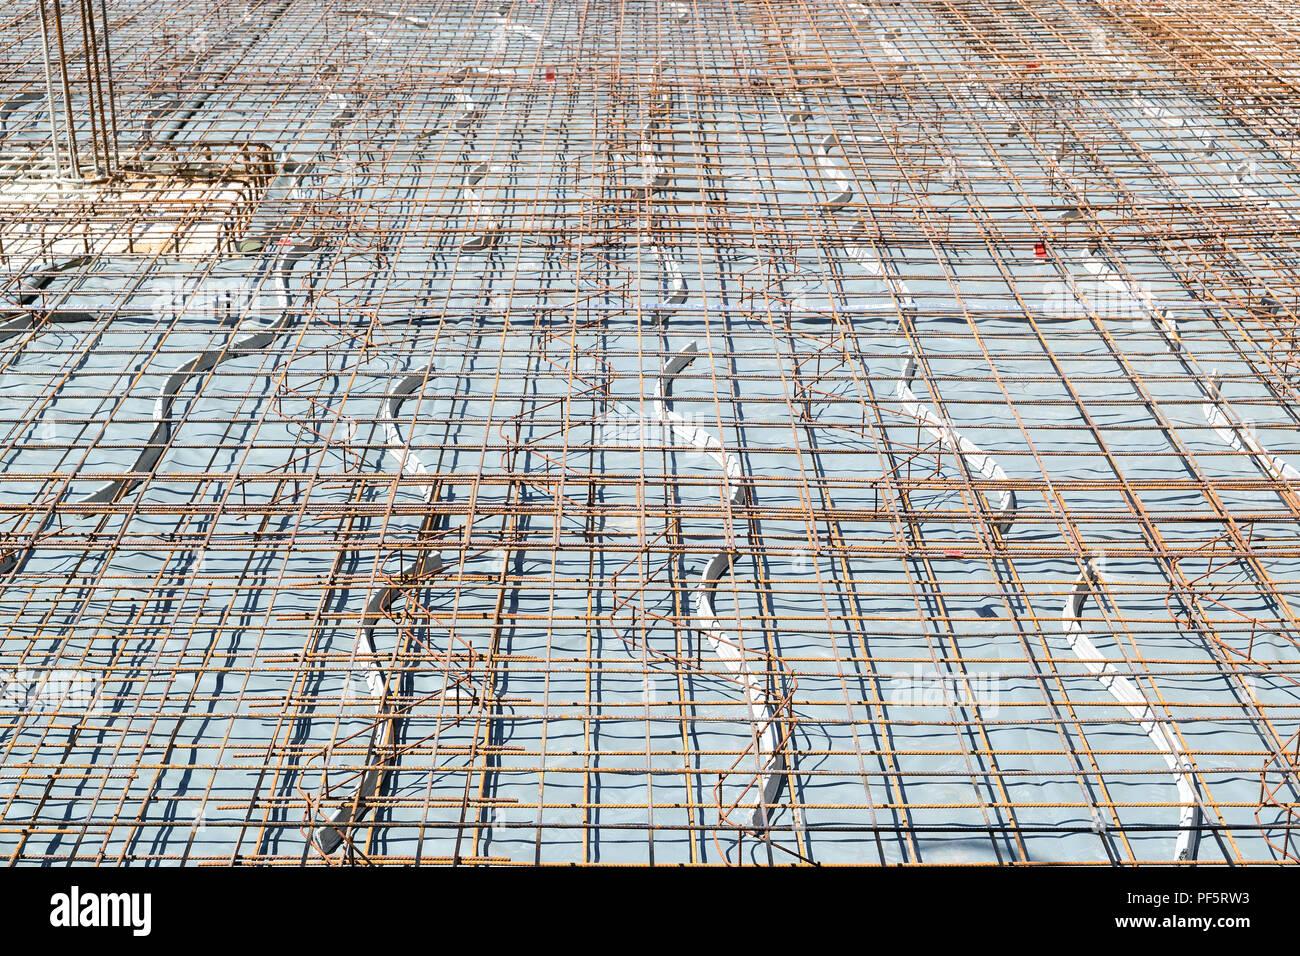 Bevorzugt Bewehrung der Bodenplatte Stockfoto, Bild: 215872751 - Alamy TT52